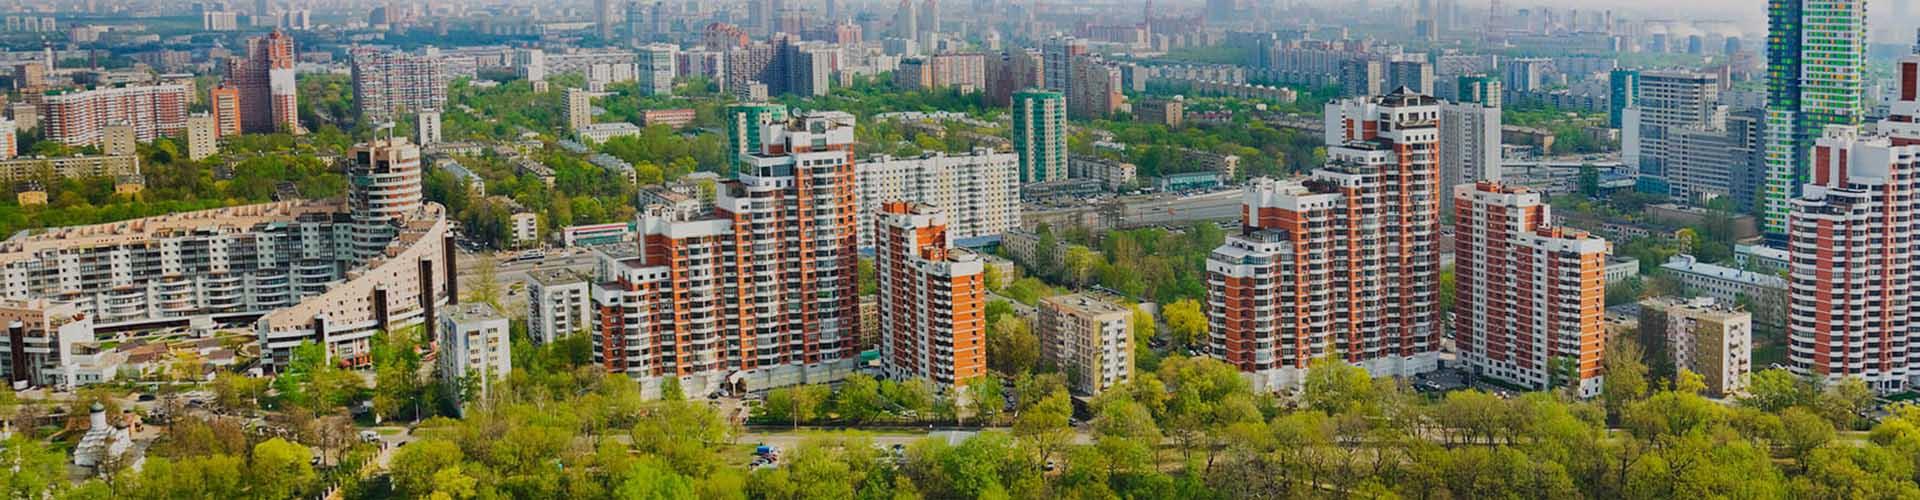 Коммерческая недвижимость уфа купить цена продажа коммерческой недвижимости волгоградской области